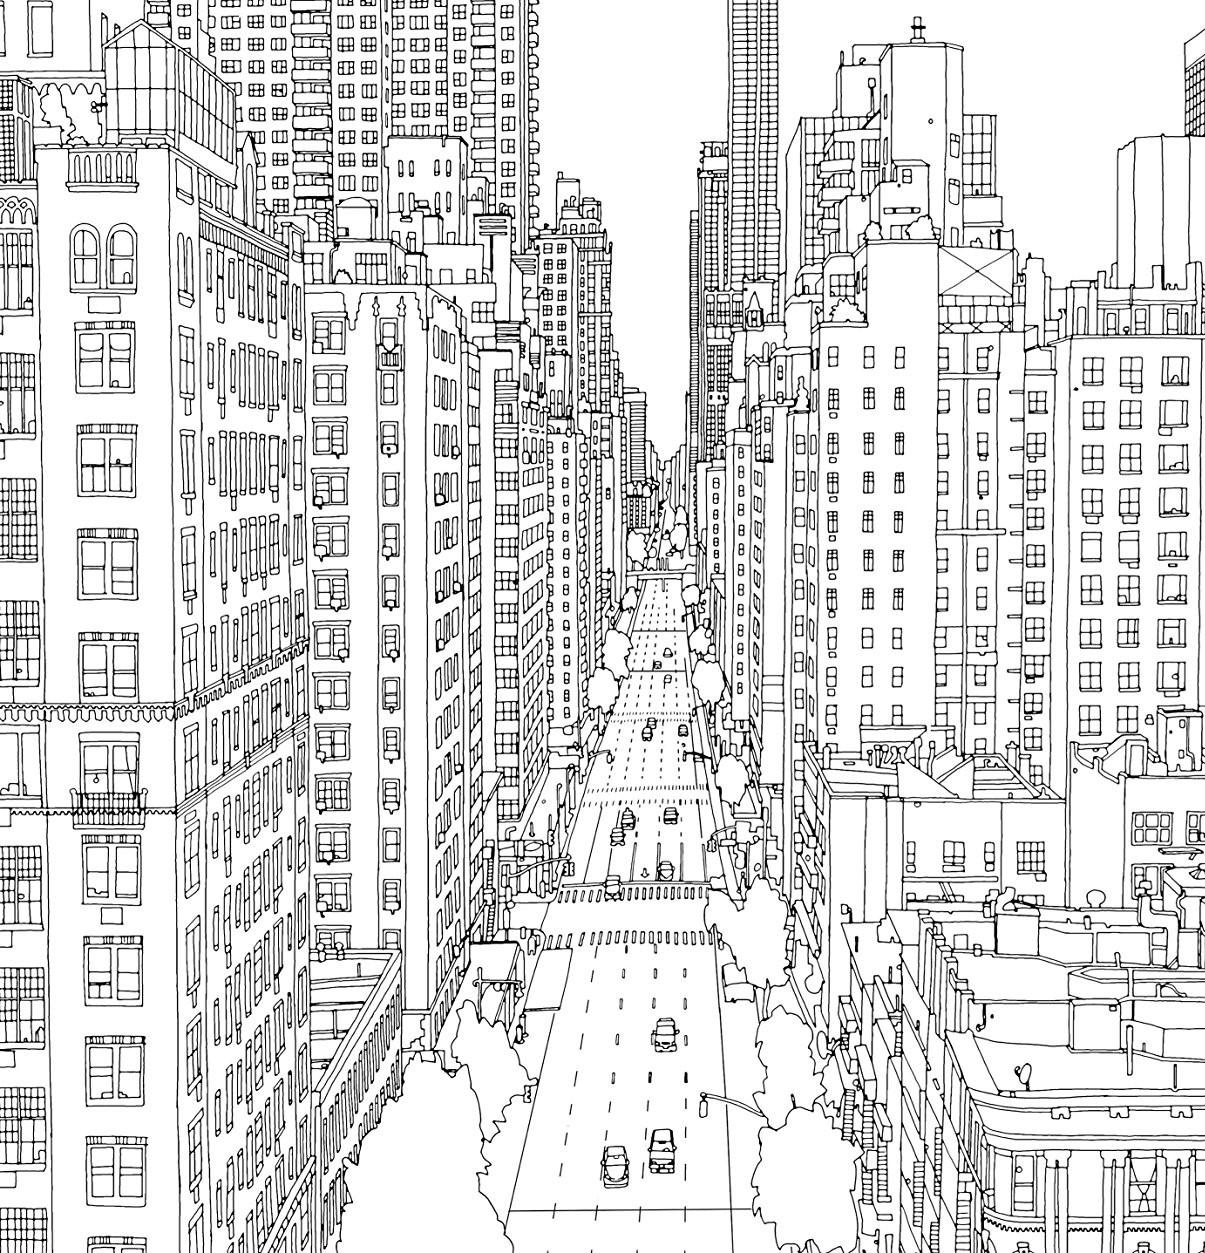 Раскраски сложные для взрослых антистресс  город «Манхэттен Нью Йорк», чтобы распечатать